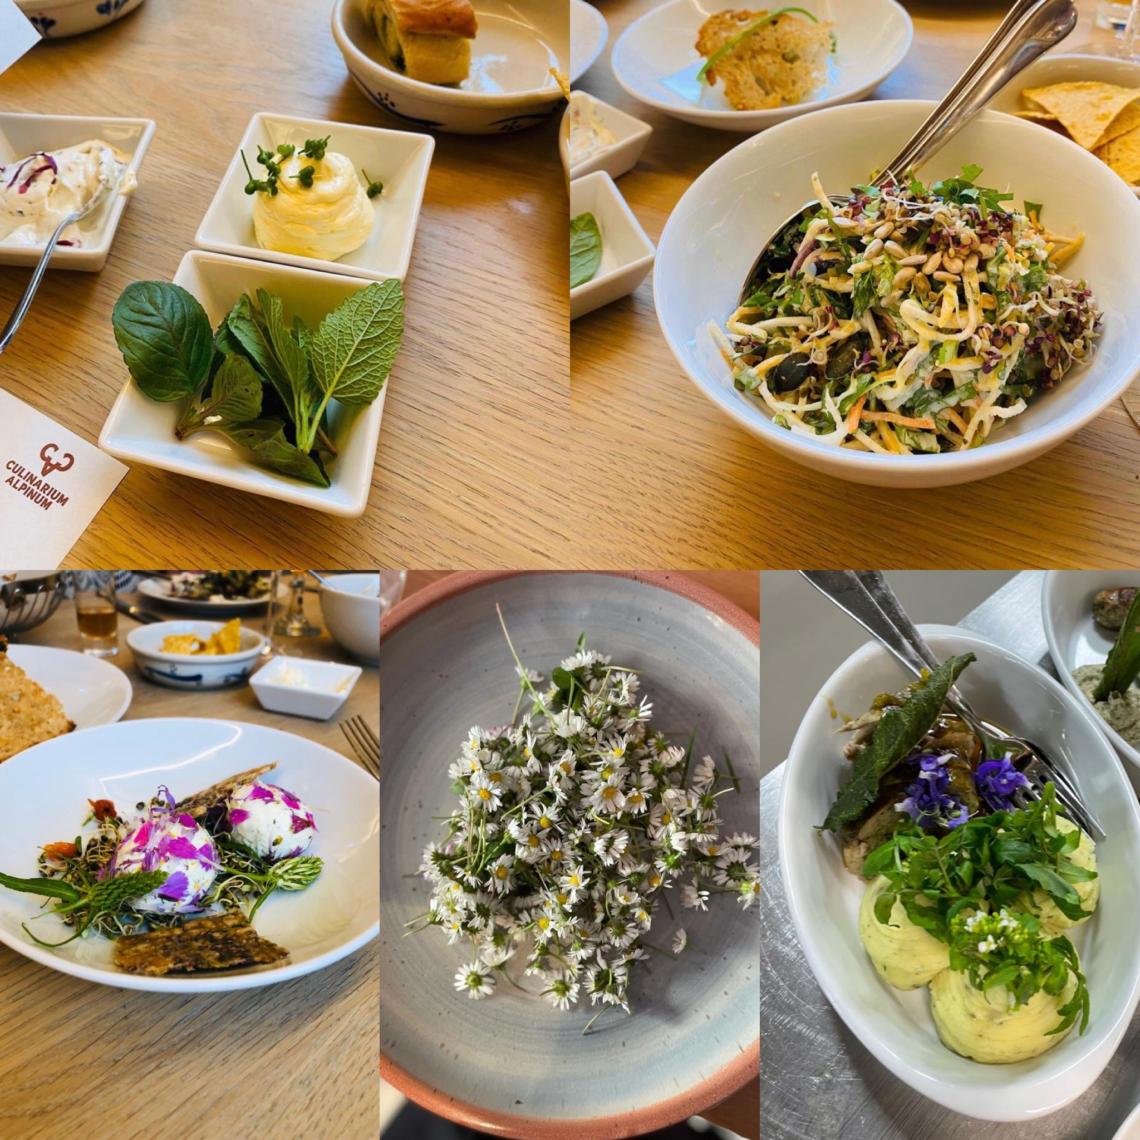 Kulinarische Kreationen aus den gesammelten Wilpflanzen.